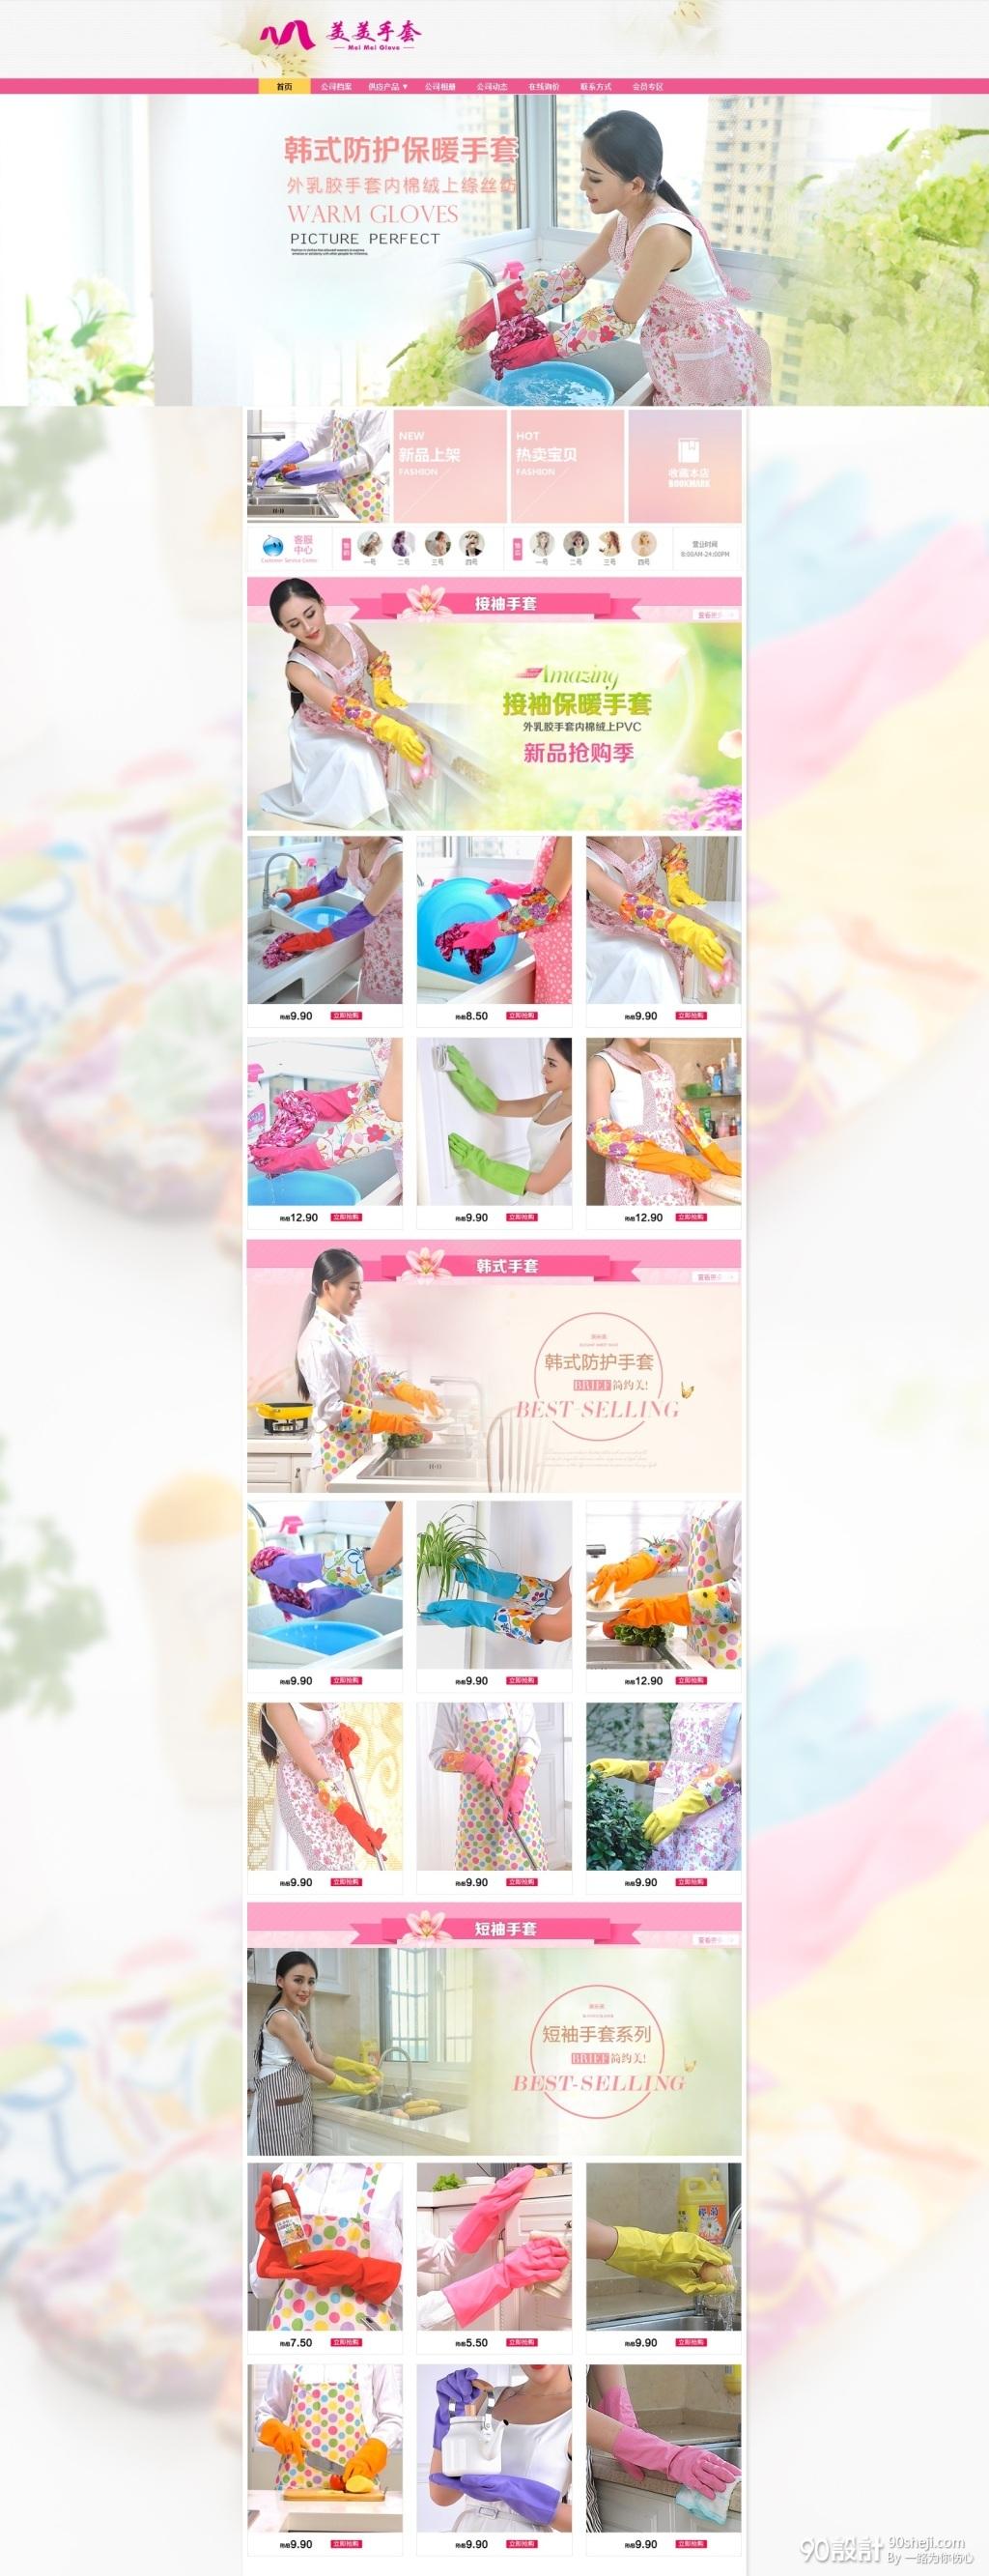 阿里巴巴首頁設計_店鋪首頁設計